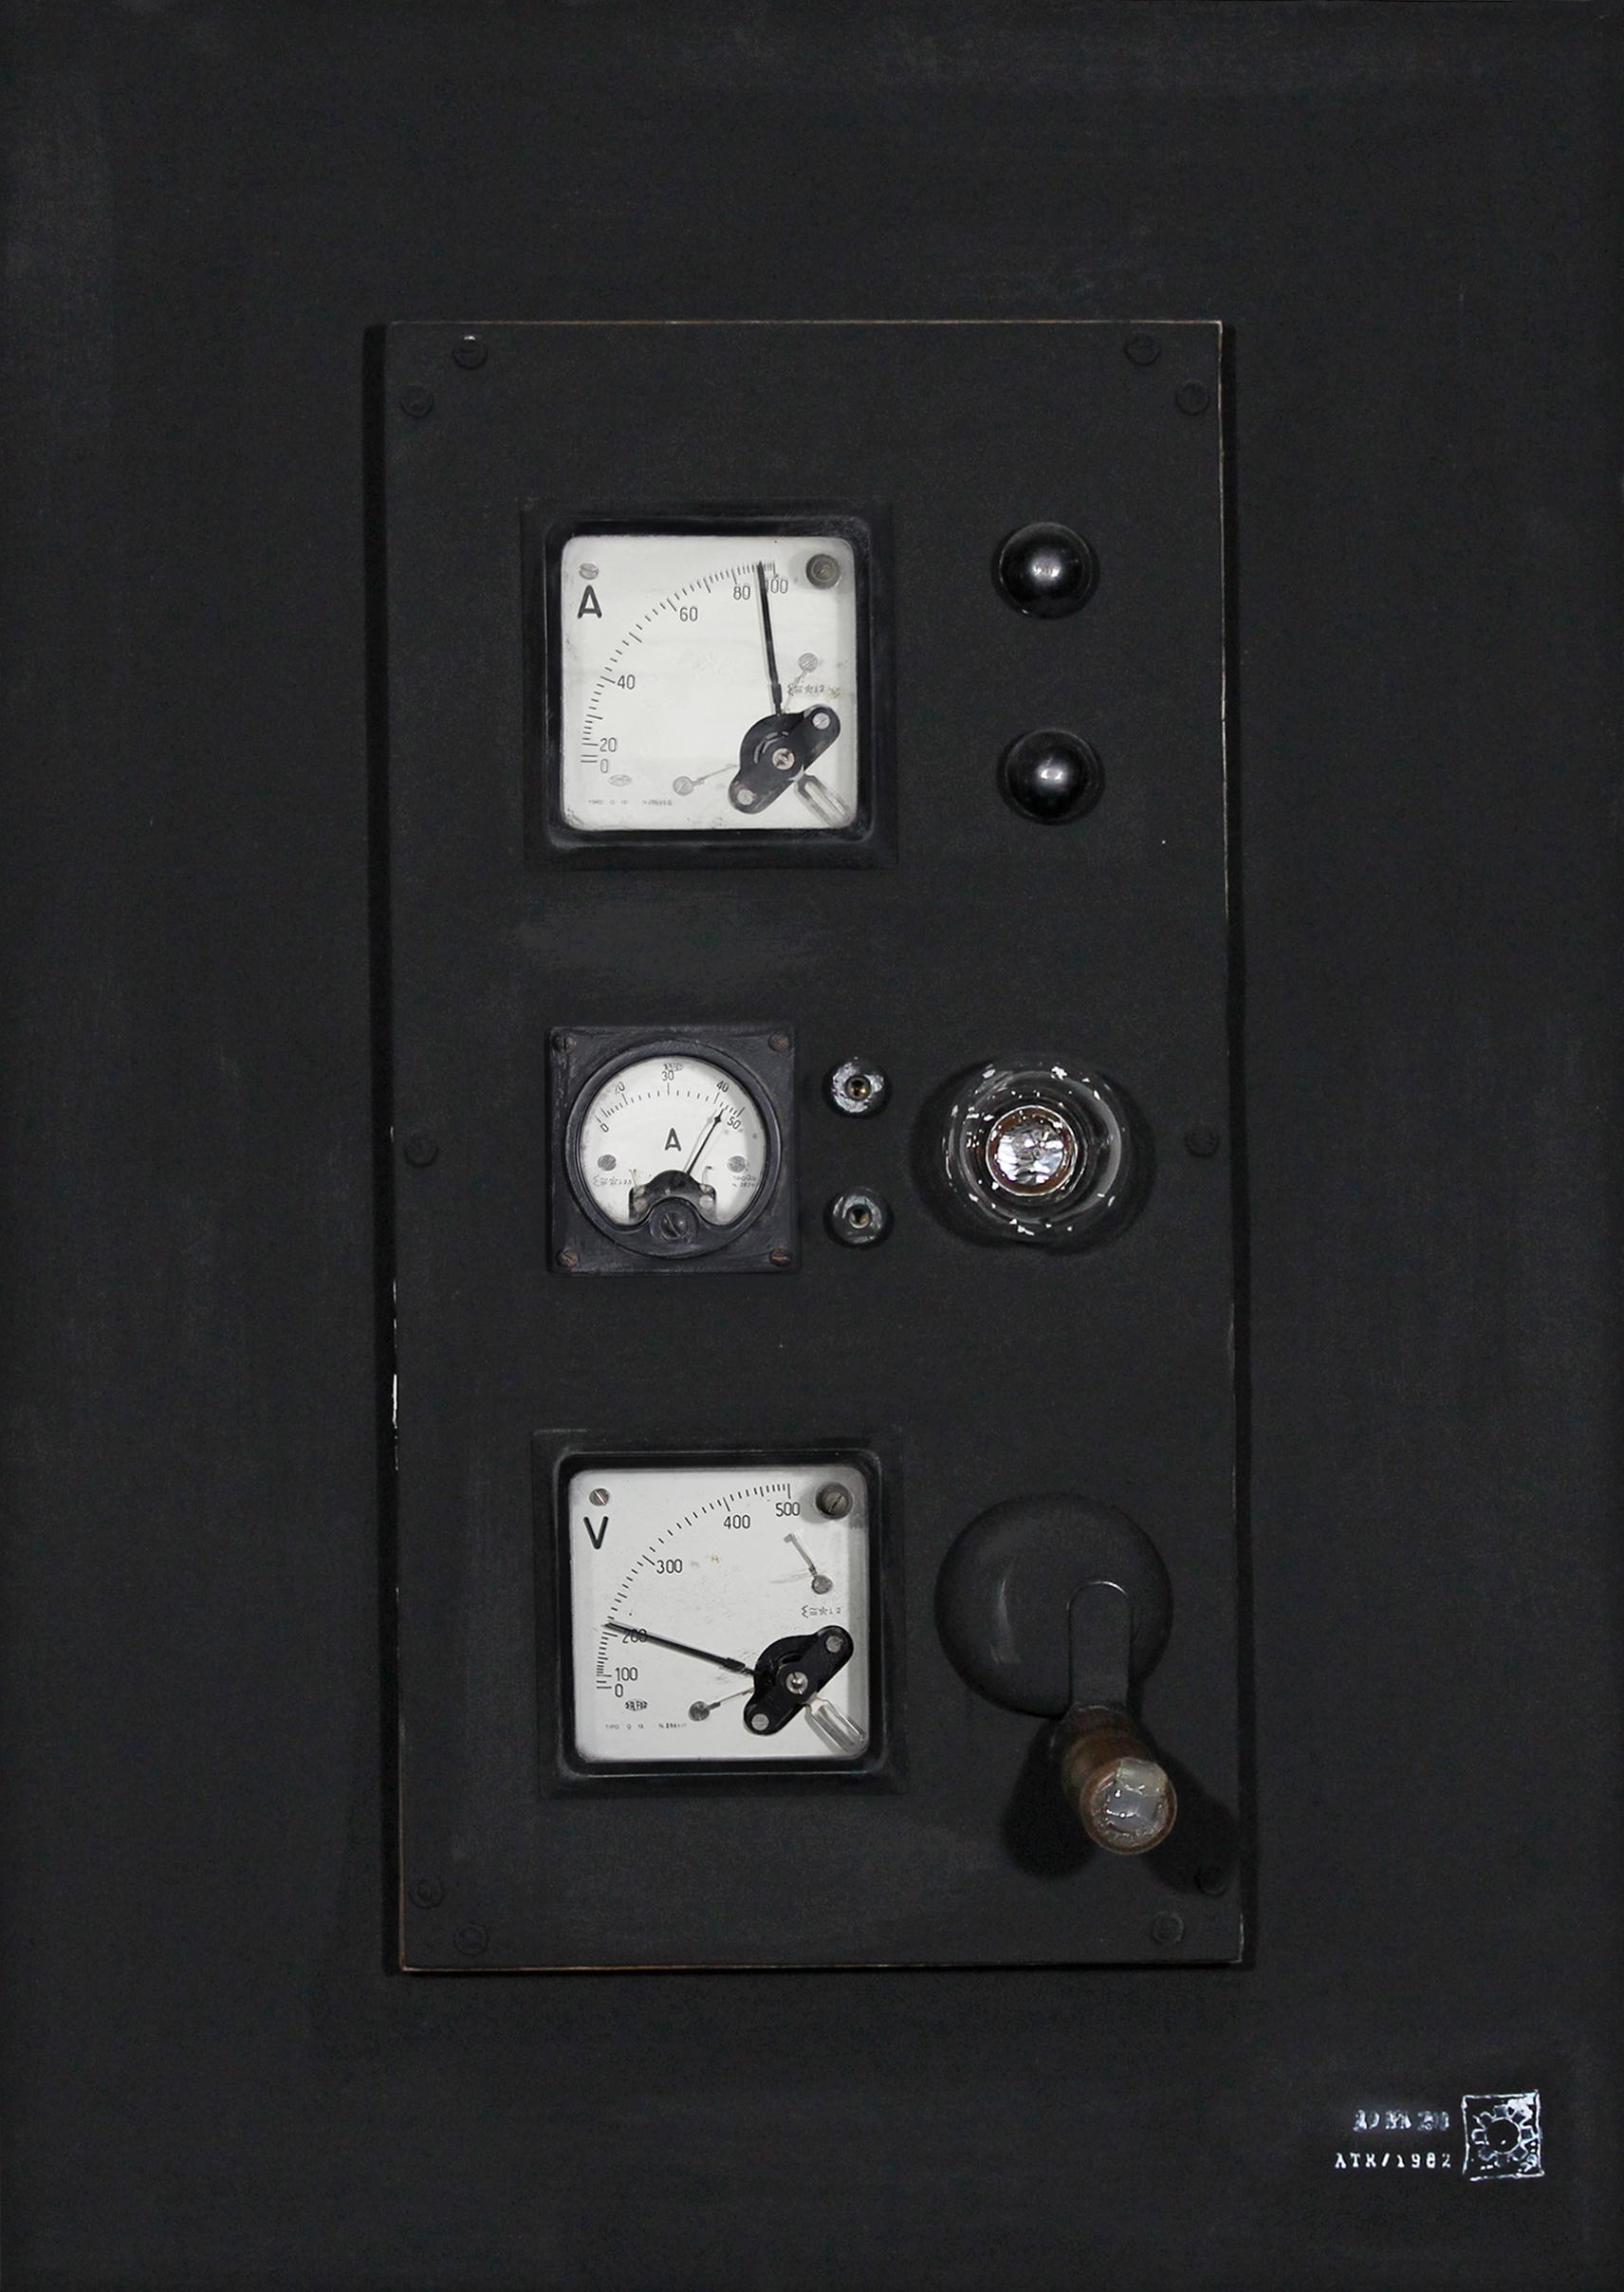 Maurizio-Di-Feo-TORRE- DI -TESLA - WARDEN- CLYFFE TOWER-arte-contemporanea